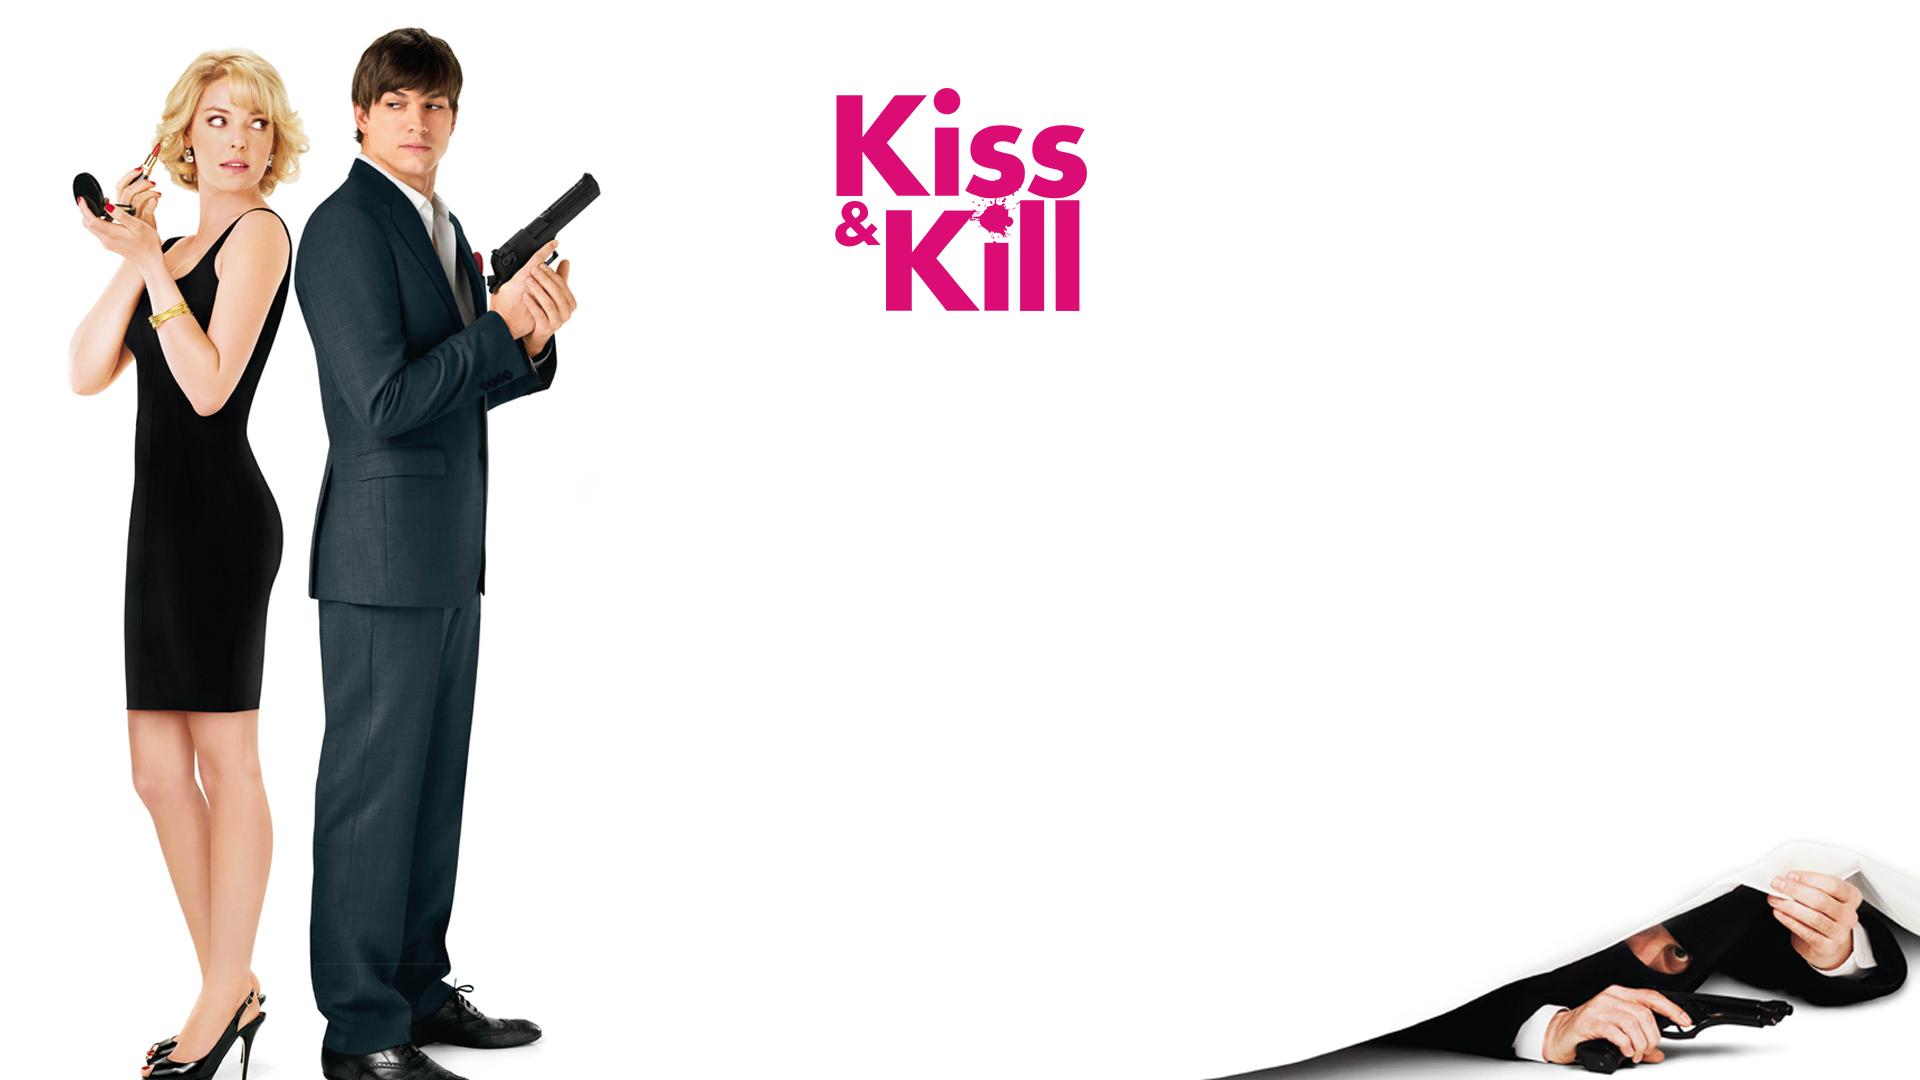 Kiss and Kill